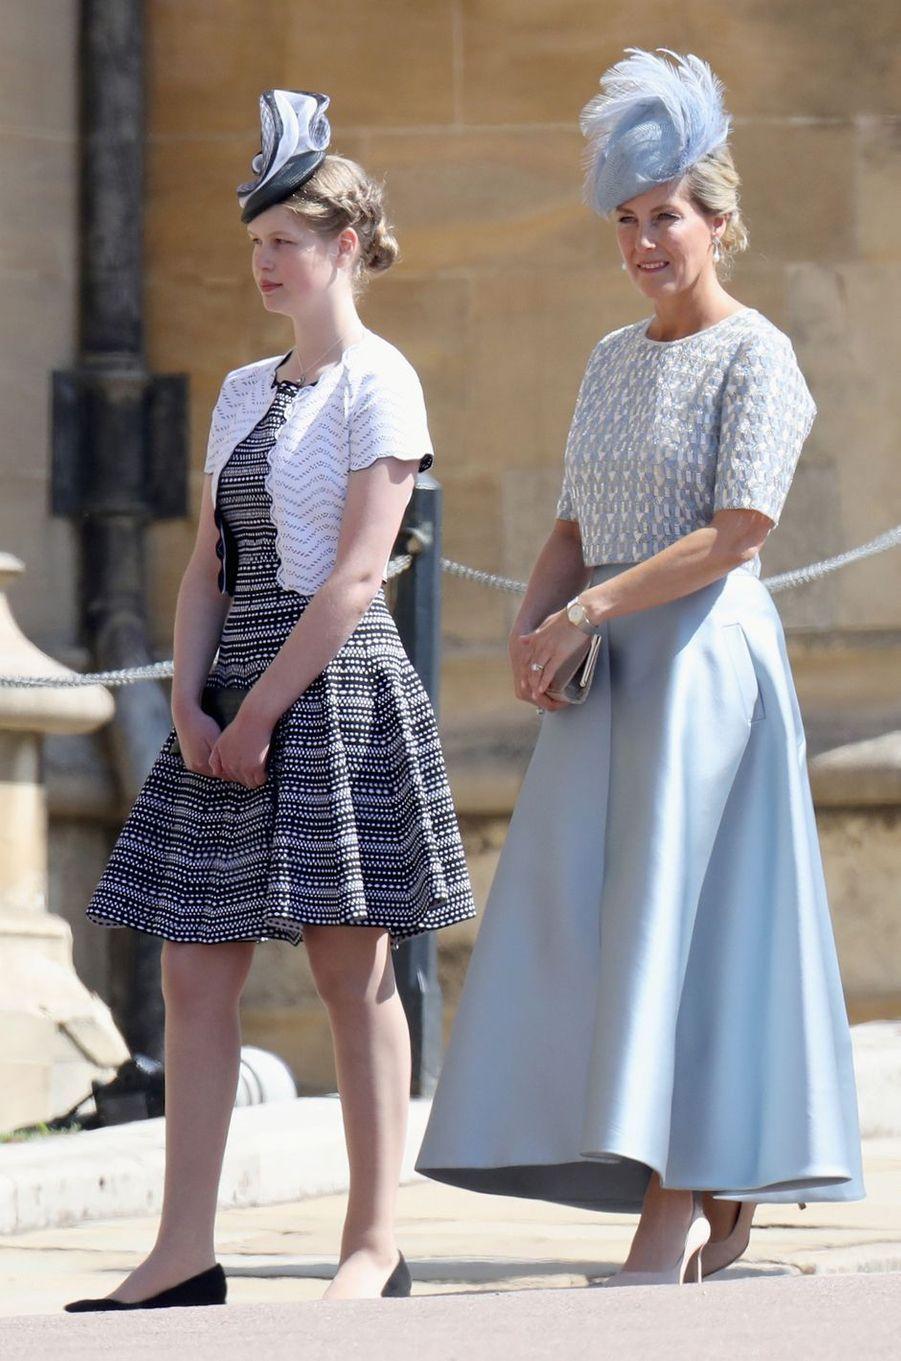 La comtesse Sophie de Wessex, en Suzannah, et sa fille Lady Louise Windsor, le 19 mai 2018